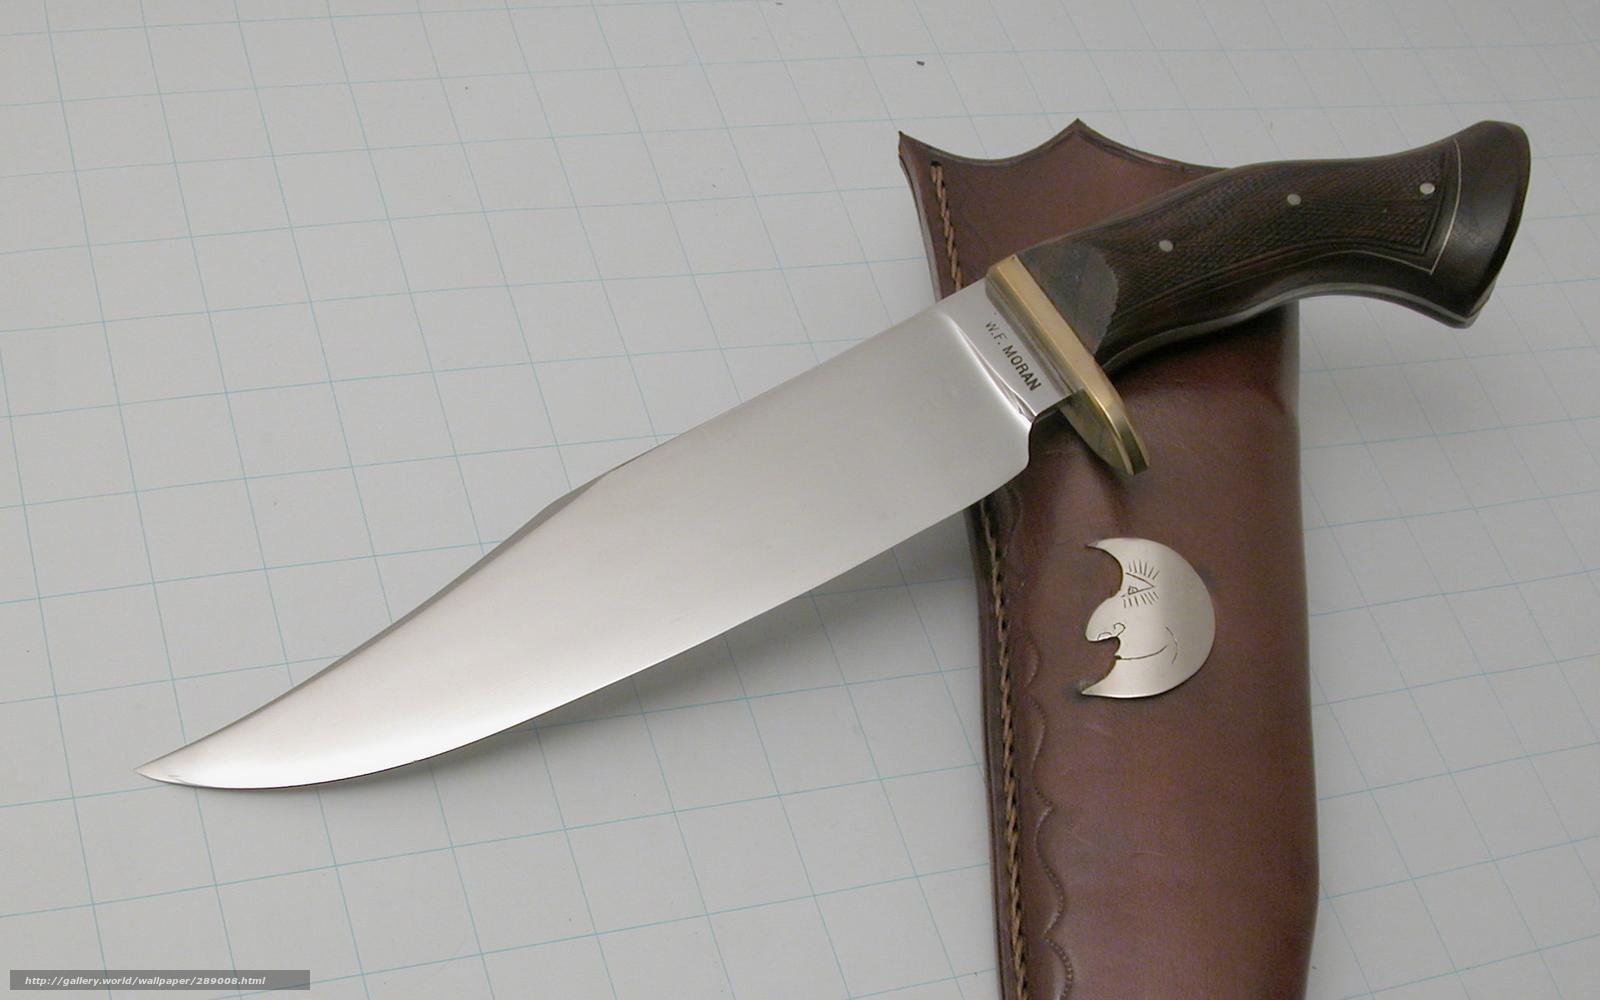 Самые опасные ножи мира, Самые необычные ножи в мире! (12 фото 1 видео) 8 фотография